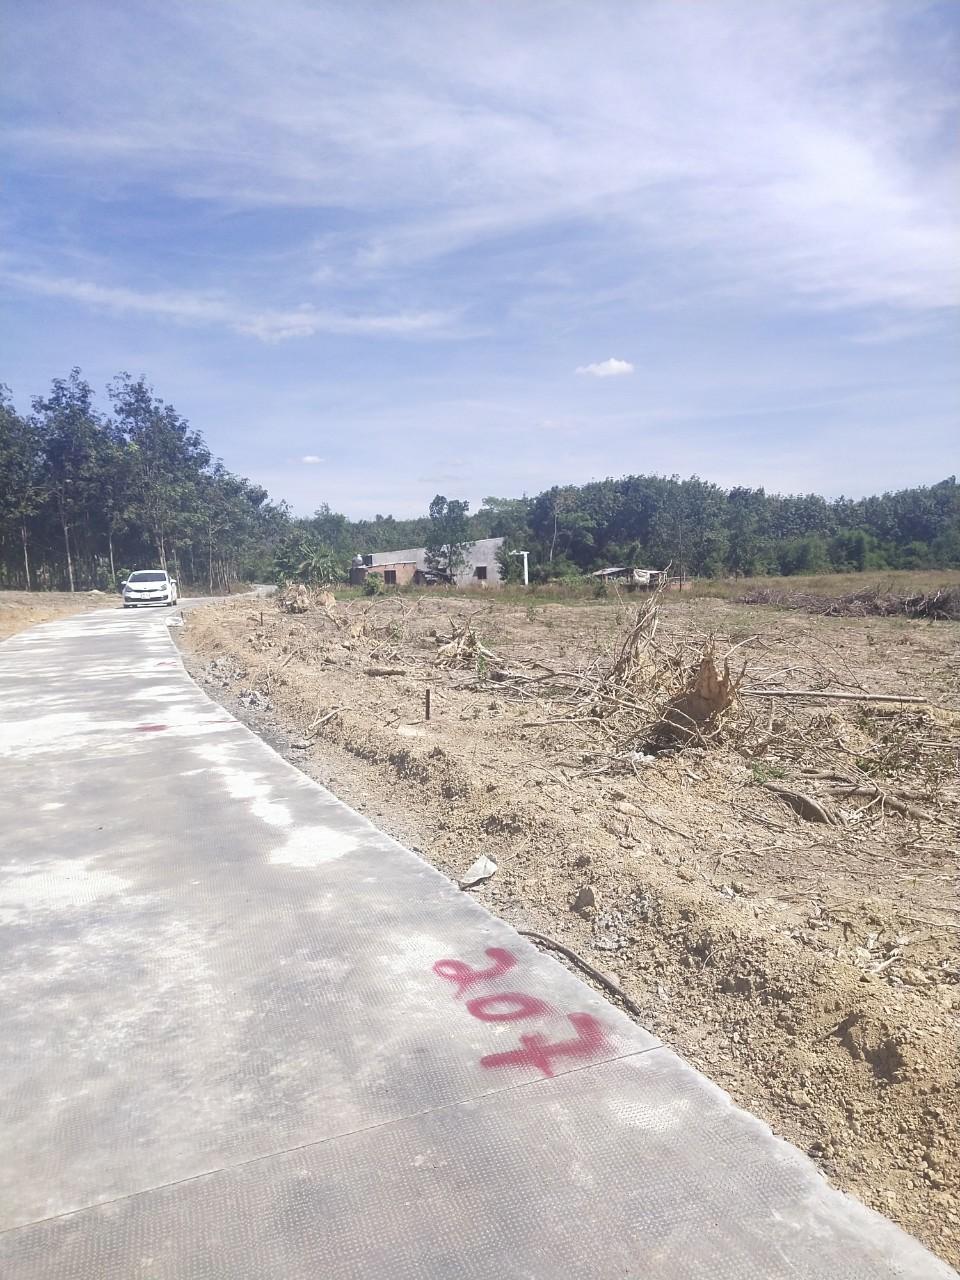 Bán đất nền chính chủ, sổ sẵn, Mặt tiền đường bê tông, cách QL14 chỉ 2km Giá đầu tư